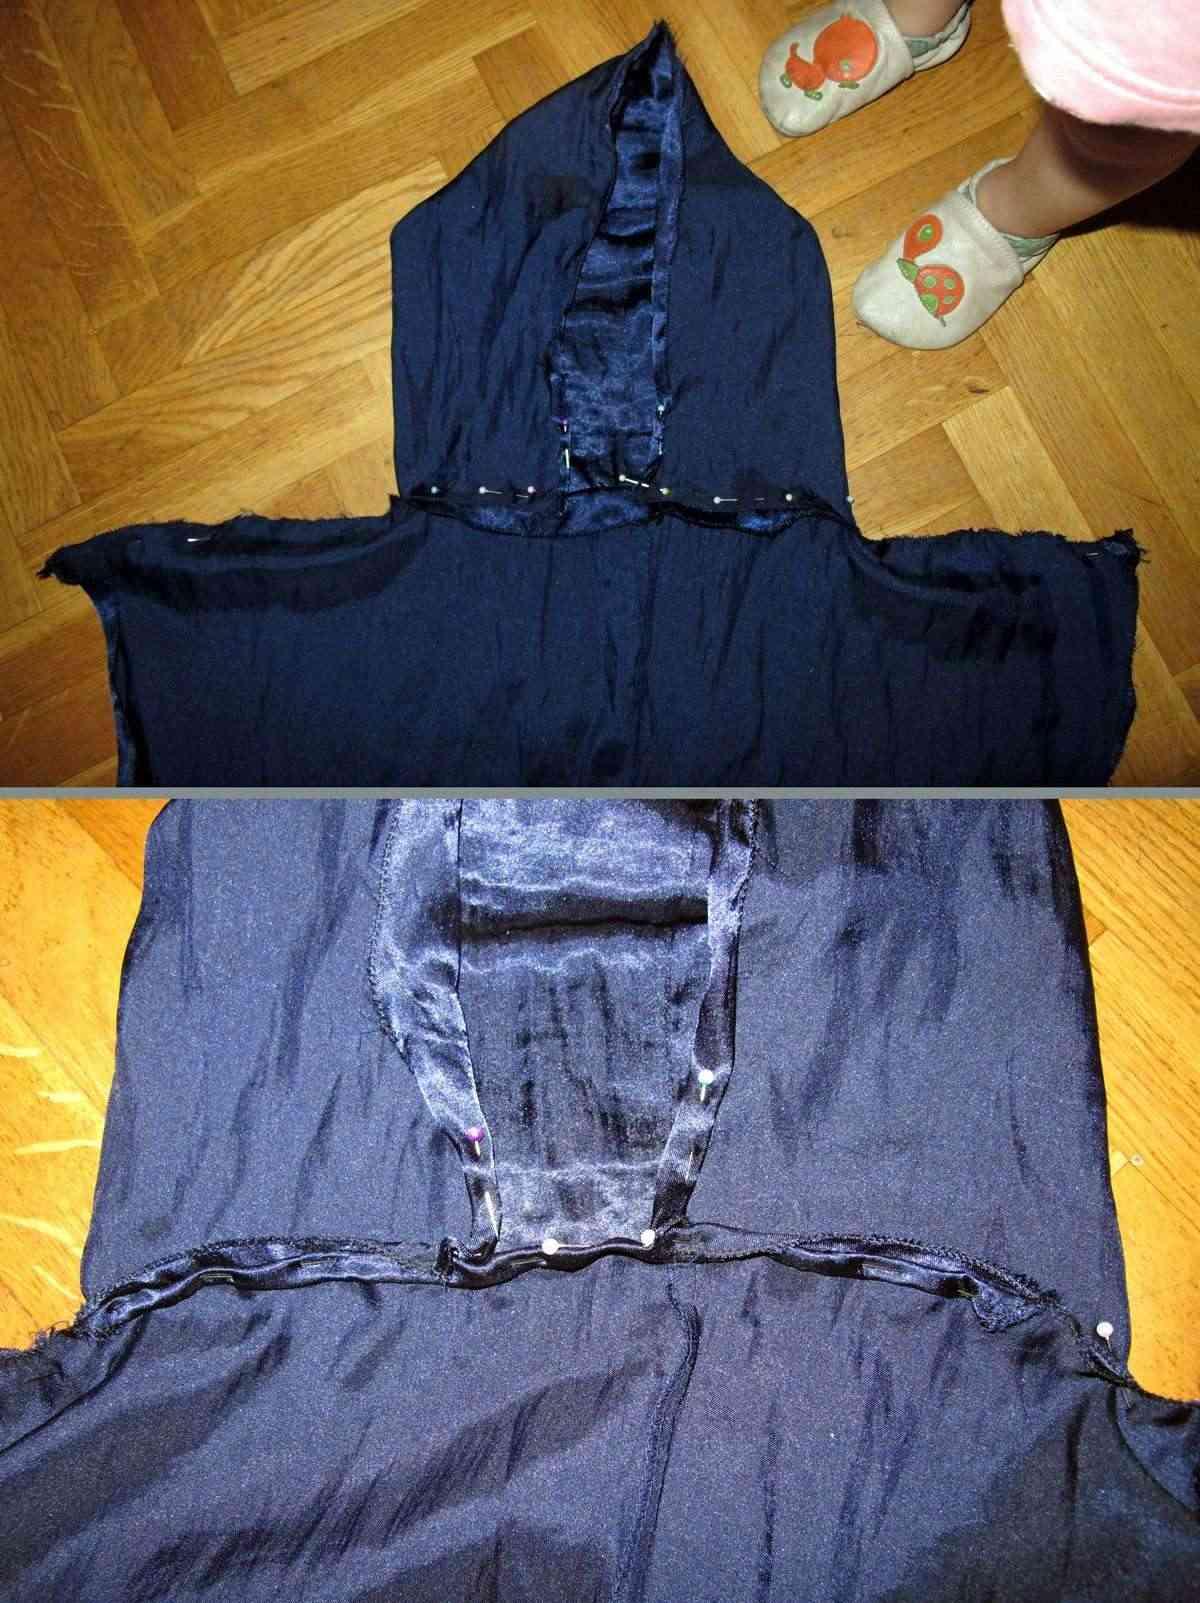 http://i41.servimg.com/u/f41/09/01/63/29/bbou0710.jpg